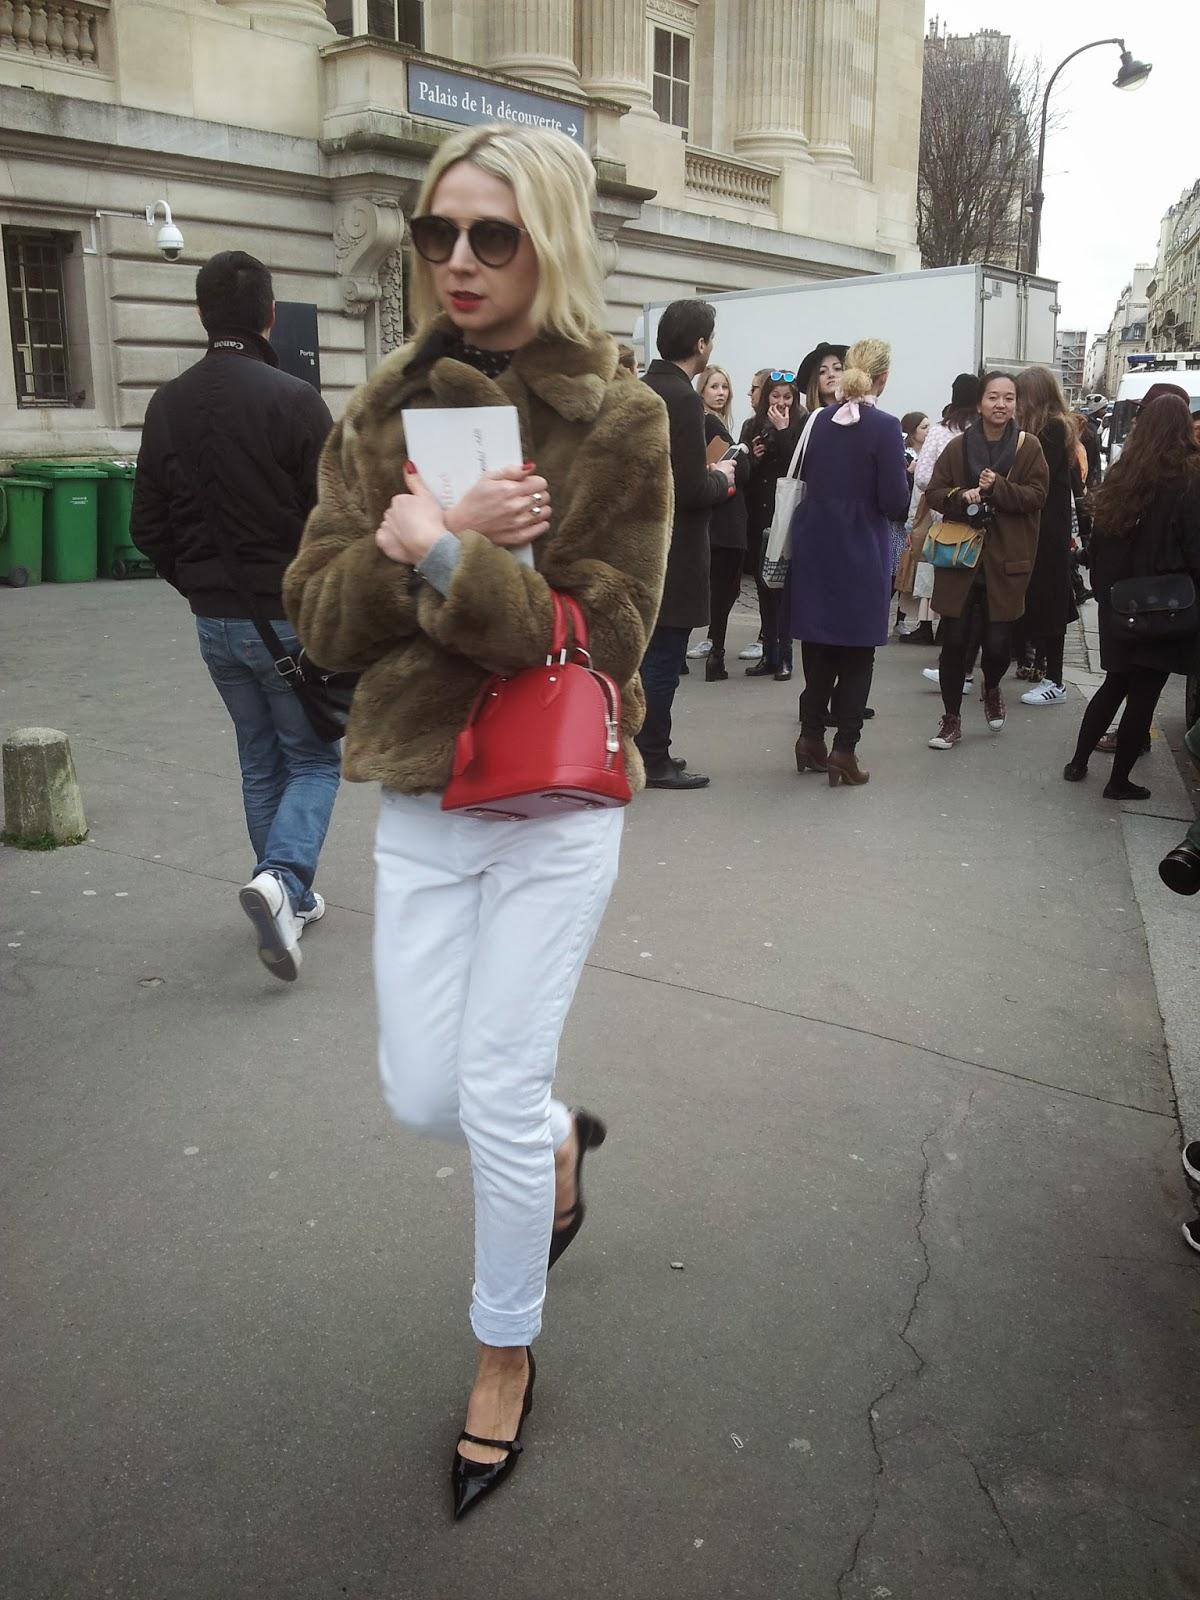 Fotos del streetstyle de la semana de la moda de París en el desfile de Chloé, impresionante el glamour y el estilo.